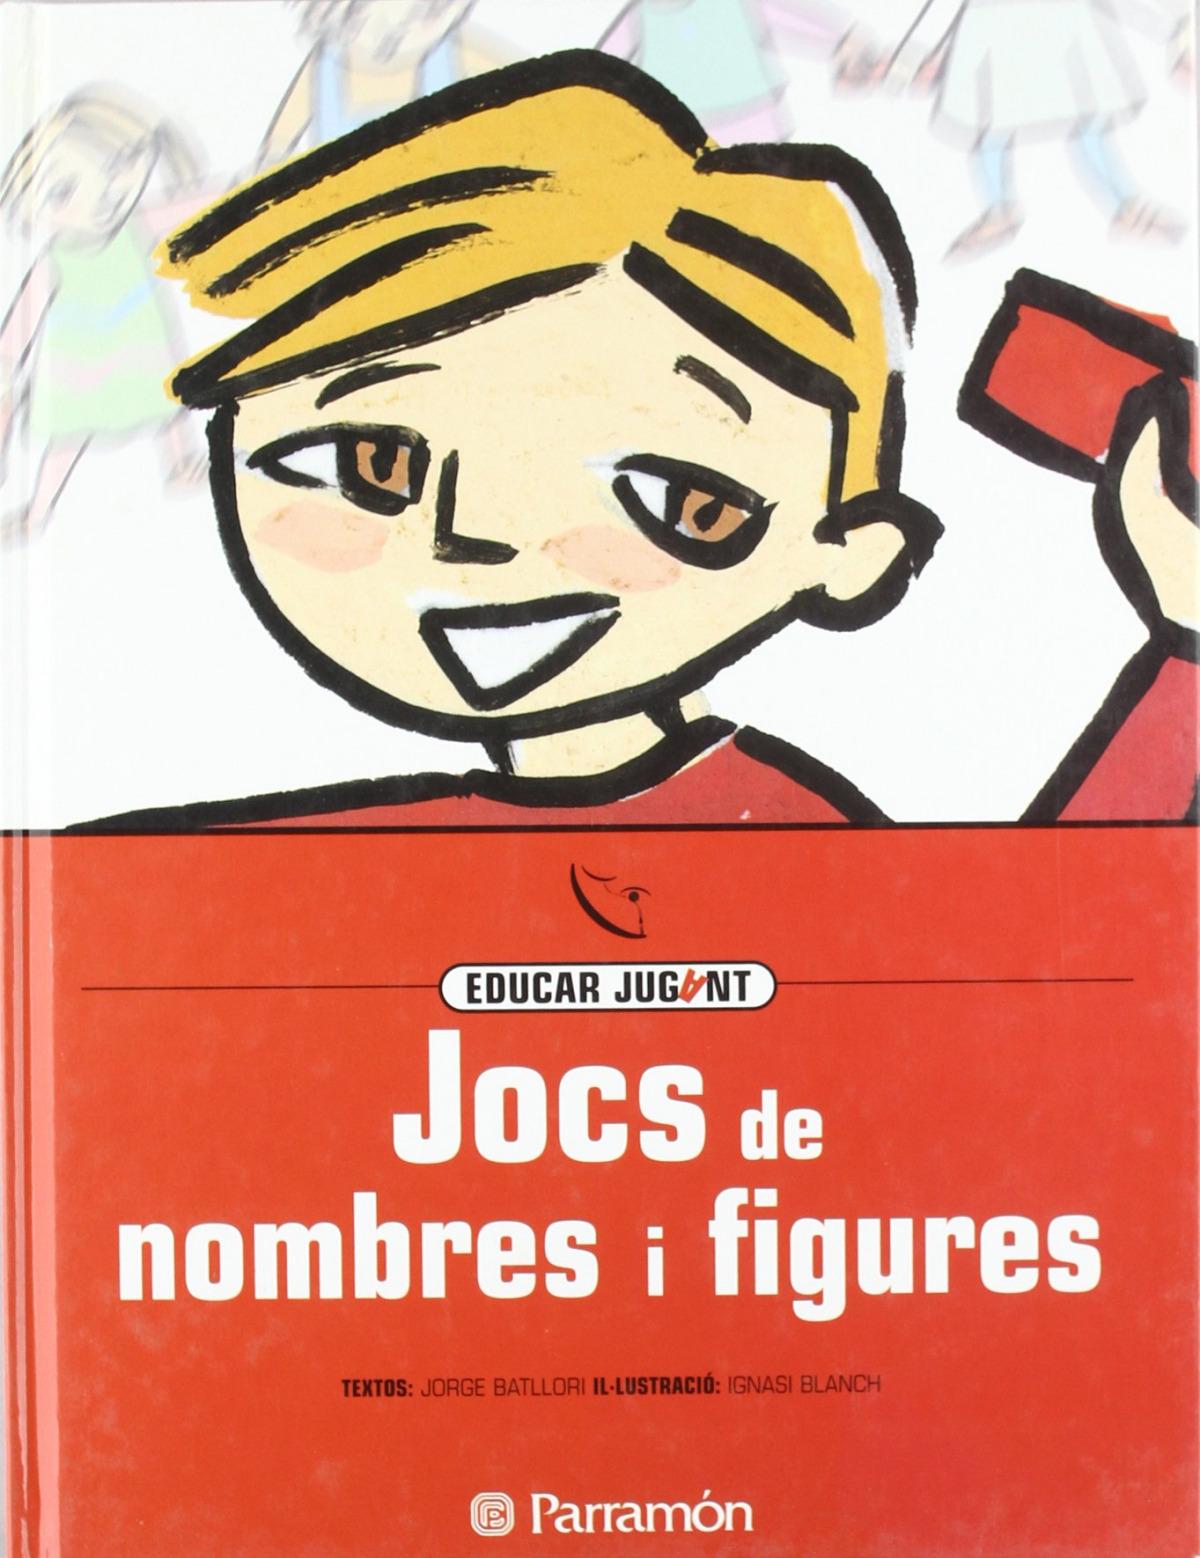 Jocs de nombres i figures